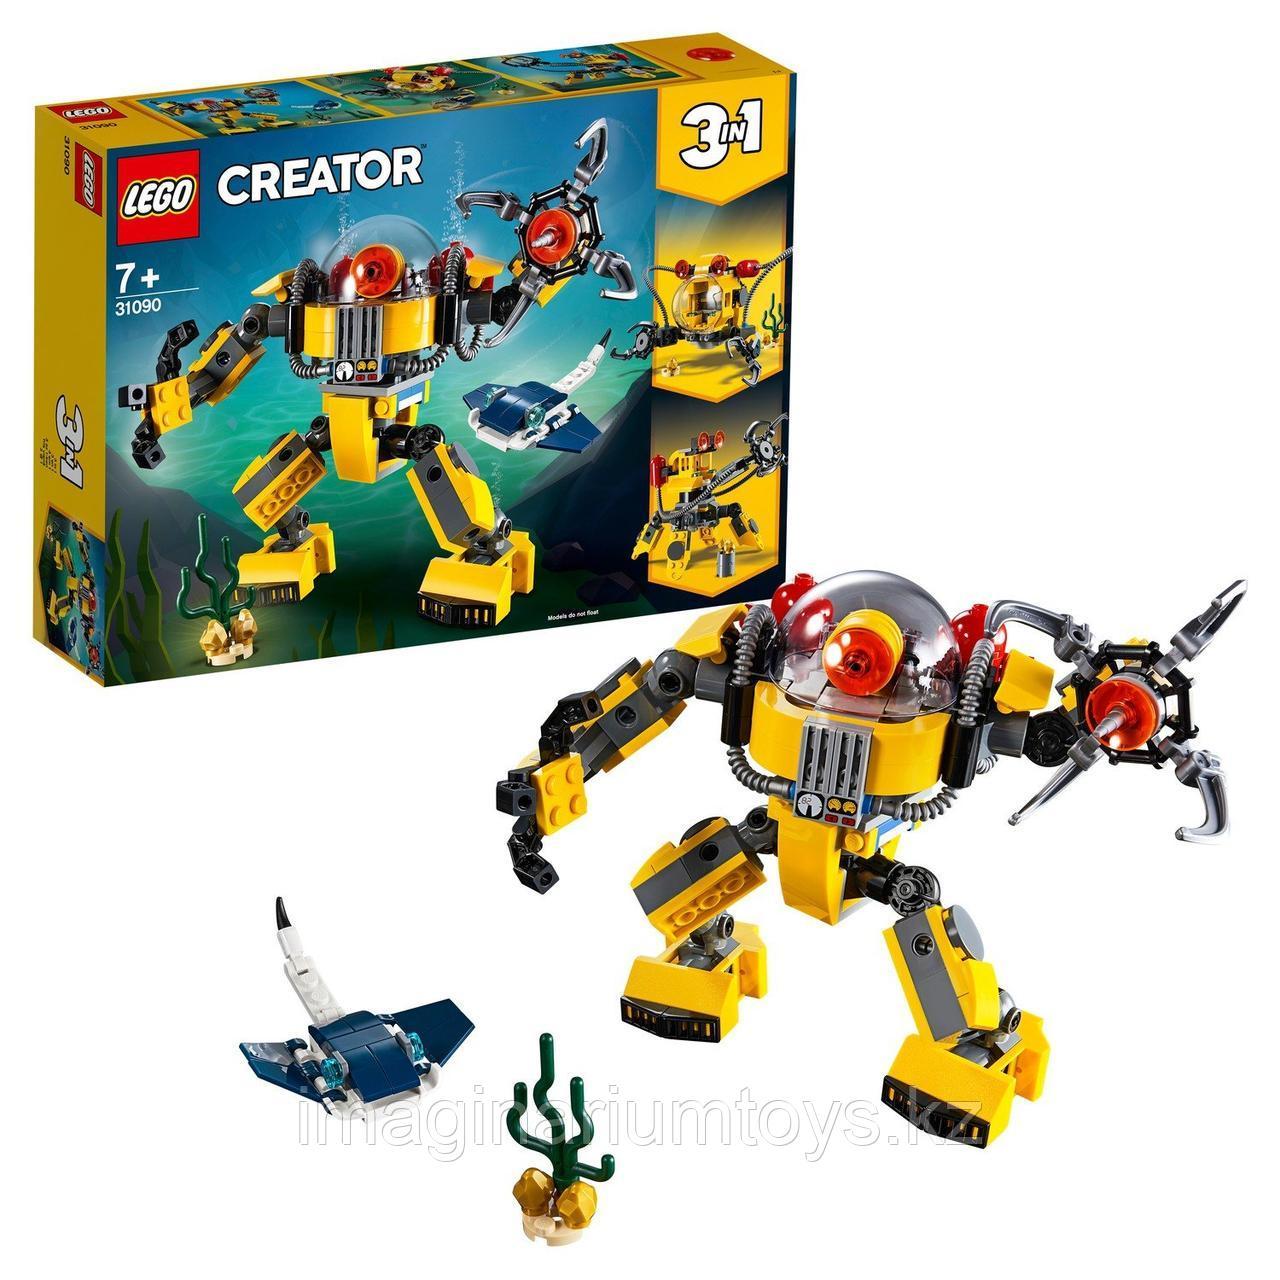 Конструктор LEGO Creator 3 в 1 Робот для подводных исследований 31090 - фото 2